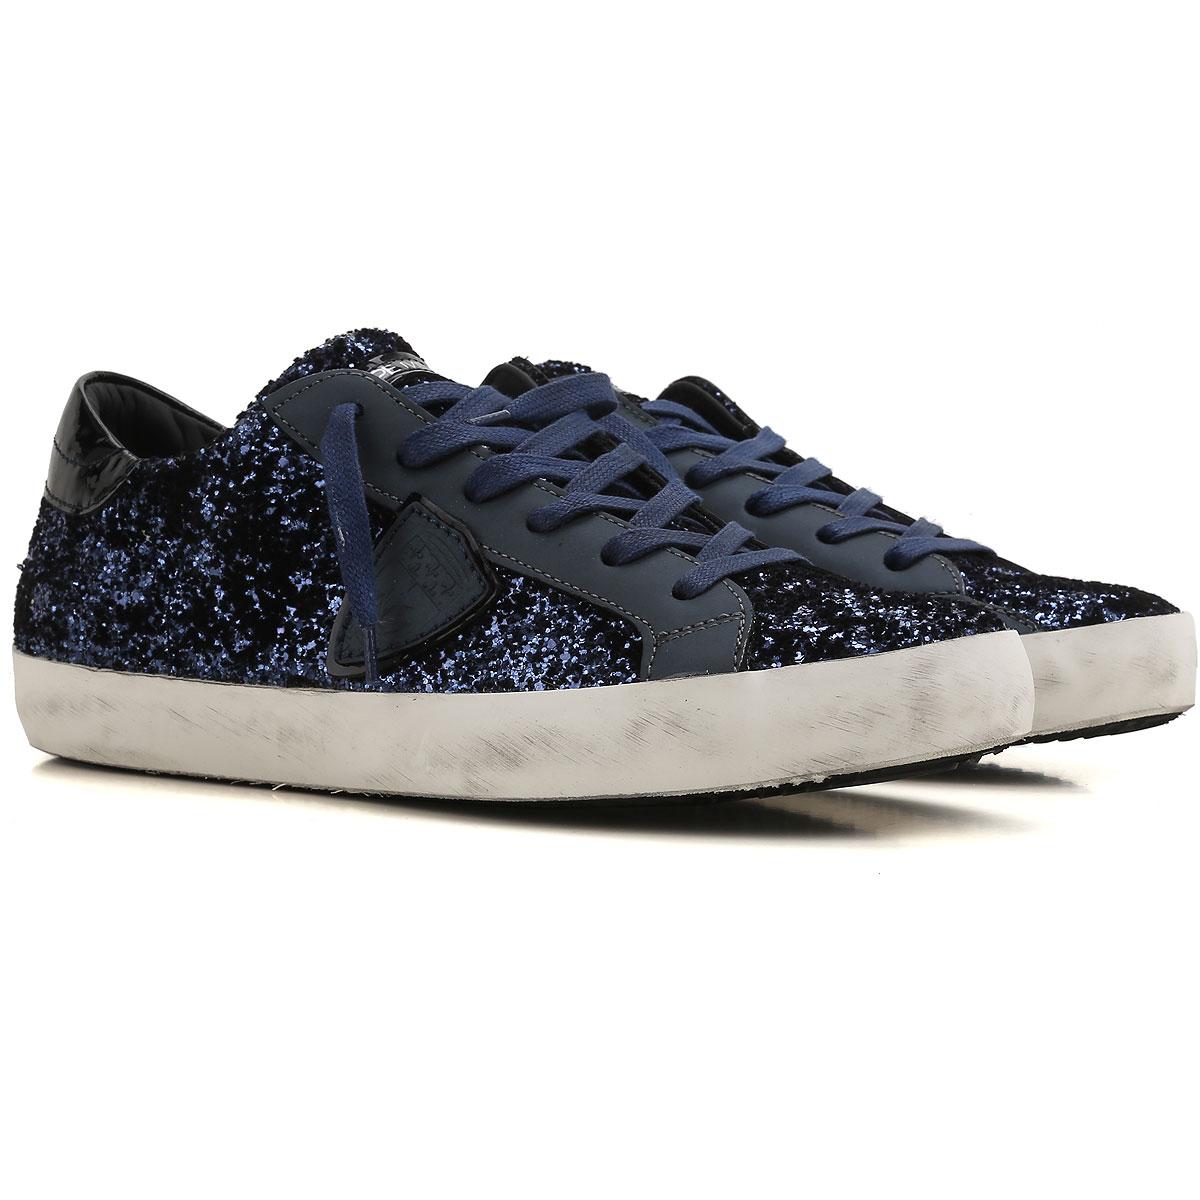 Philippe Model Zapatillas Deportivas de Mujer, Deportivas Baratos en Rebajas Outlet, Azul Noche Oscura, Terciopelo, 2019, 36 37 40